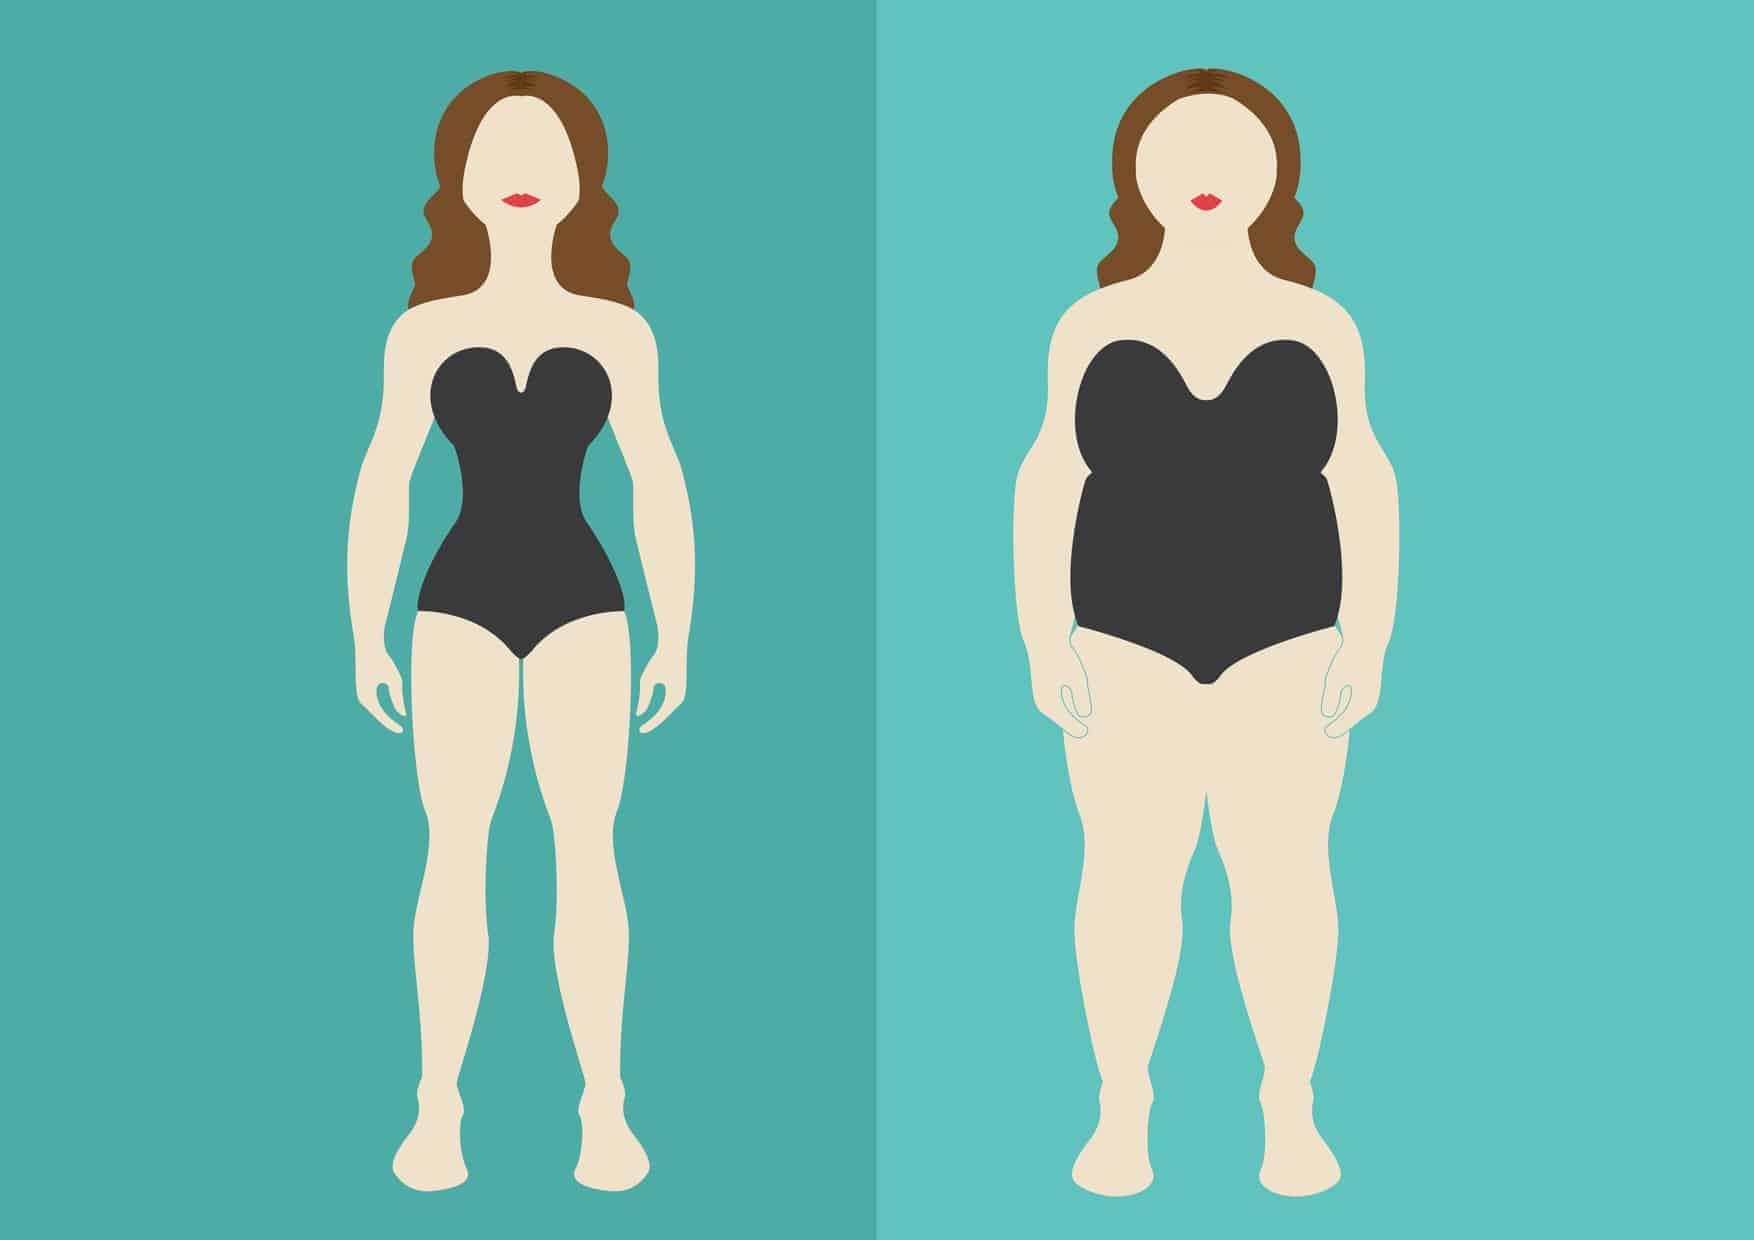 Efekt jojo – co to jest? Jak go uniknąć? Jak schudnąć bez efektu jojo?